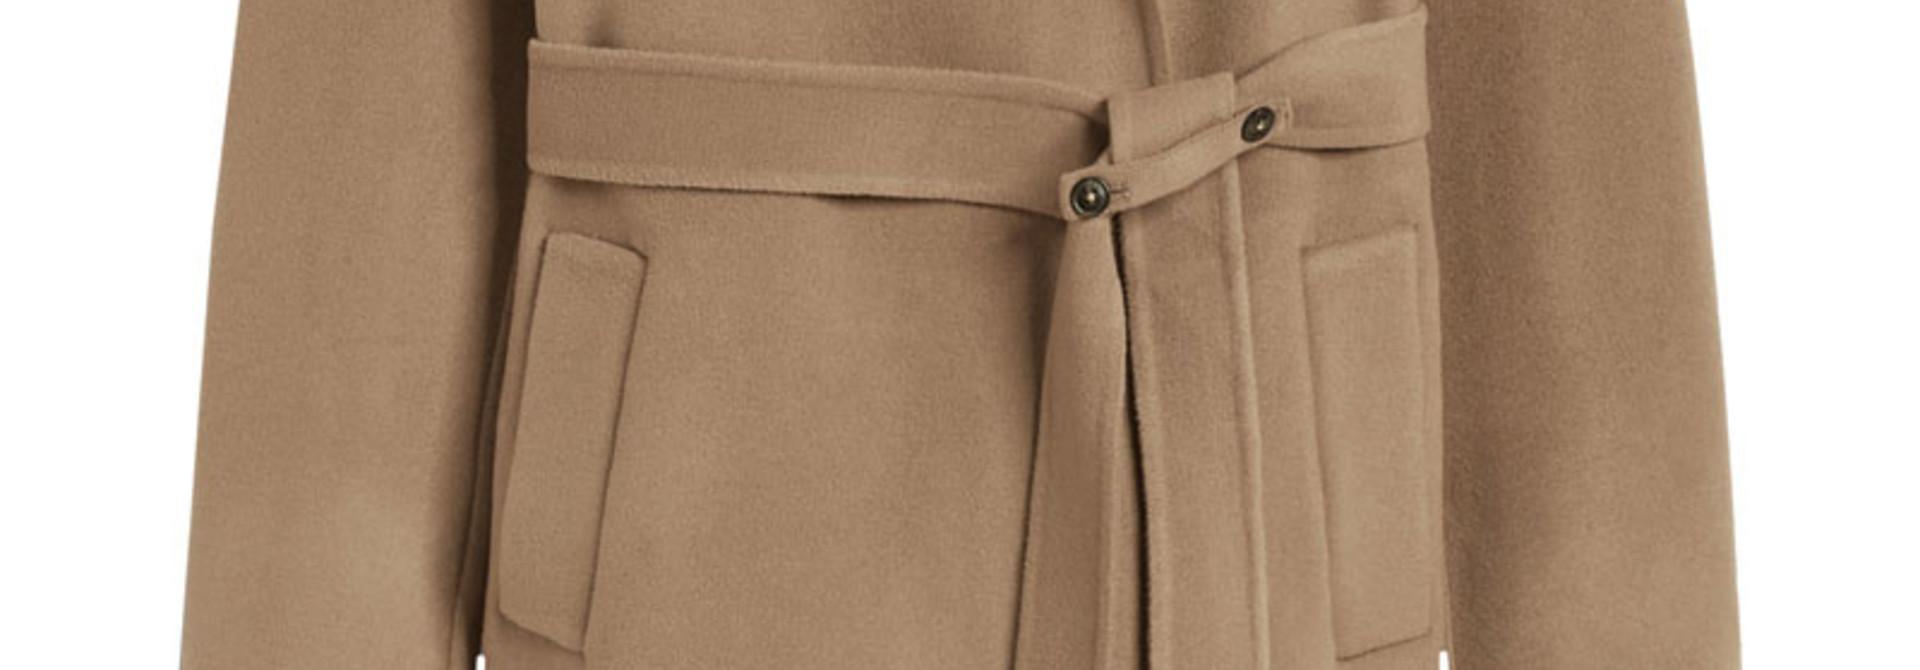 Coat Bale